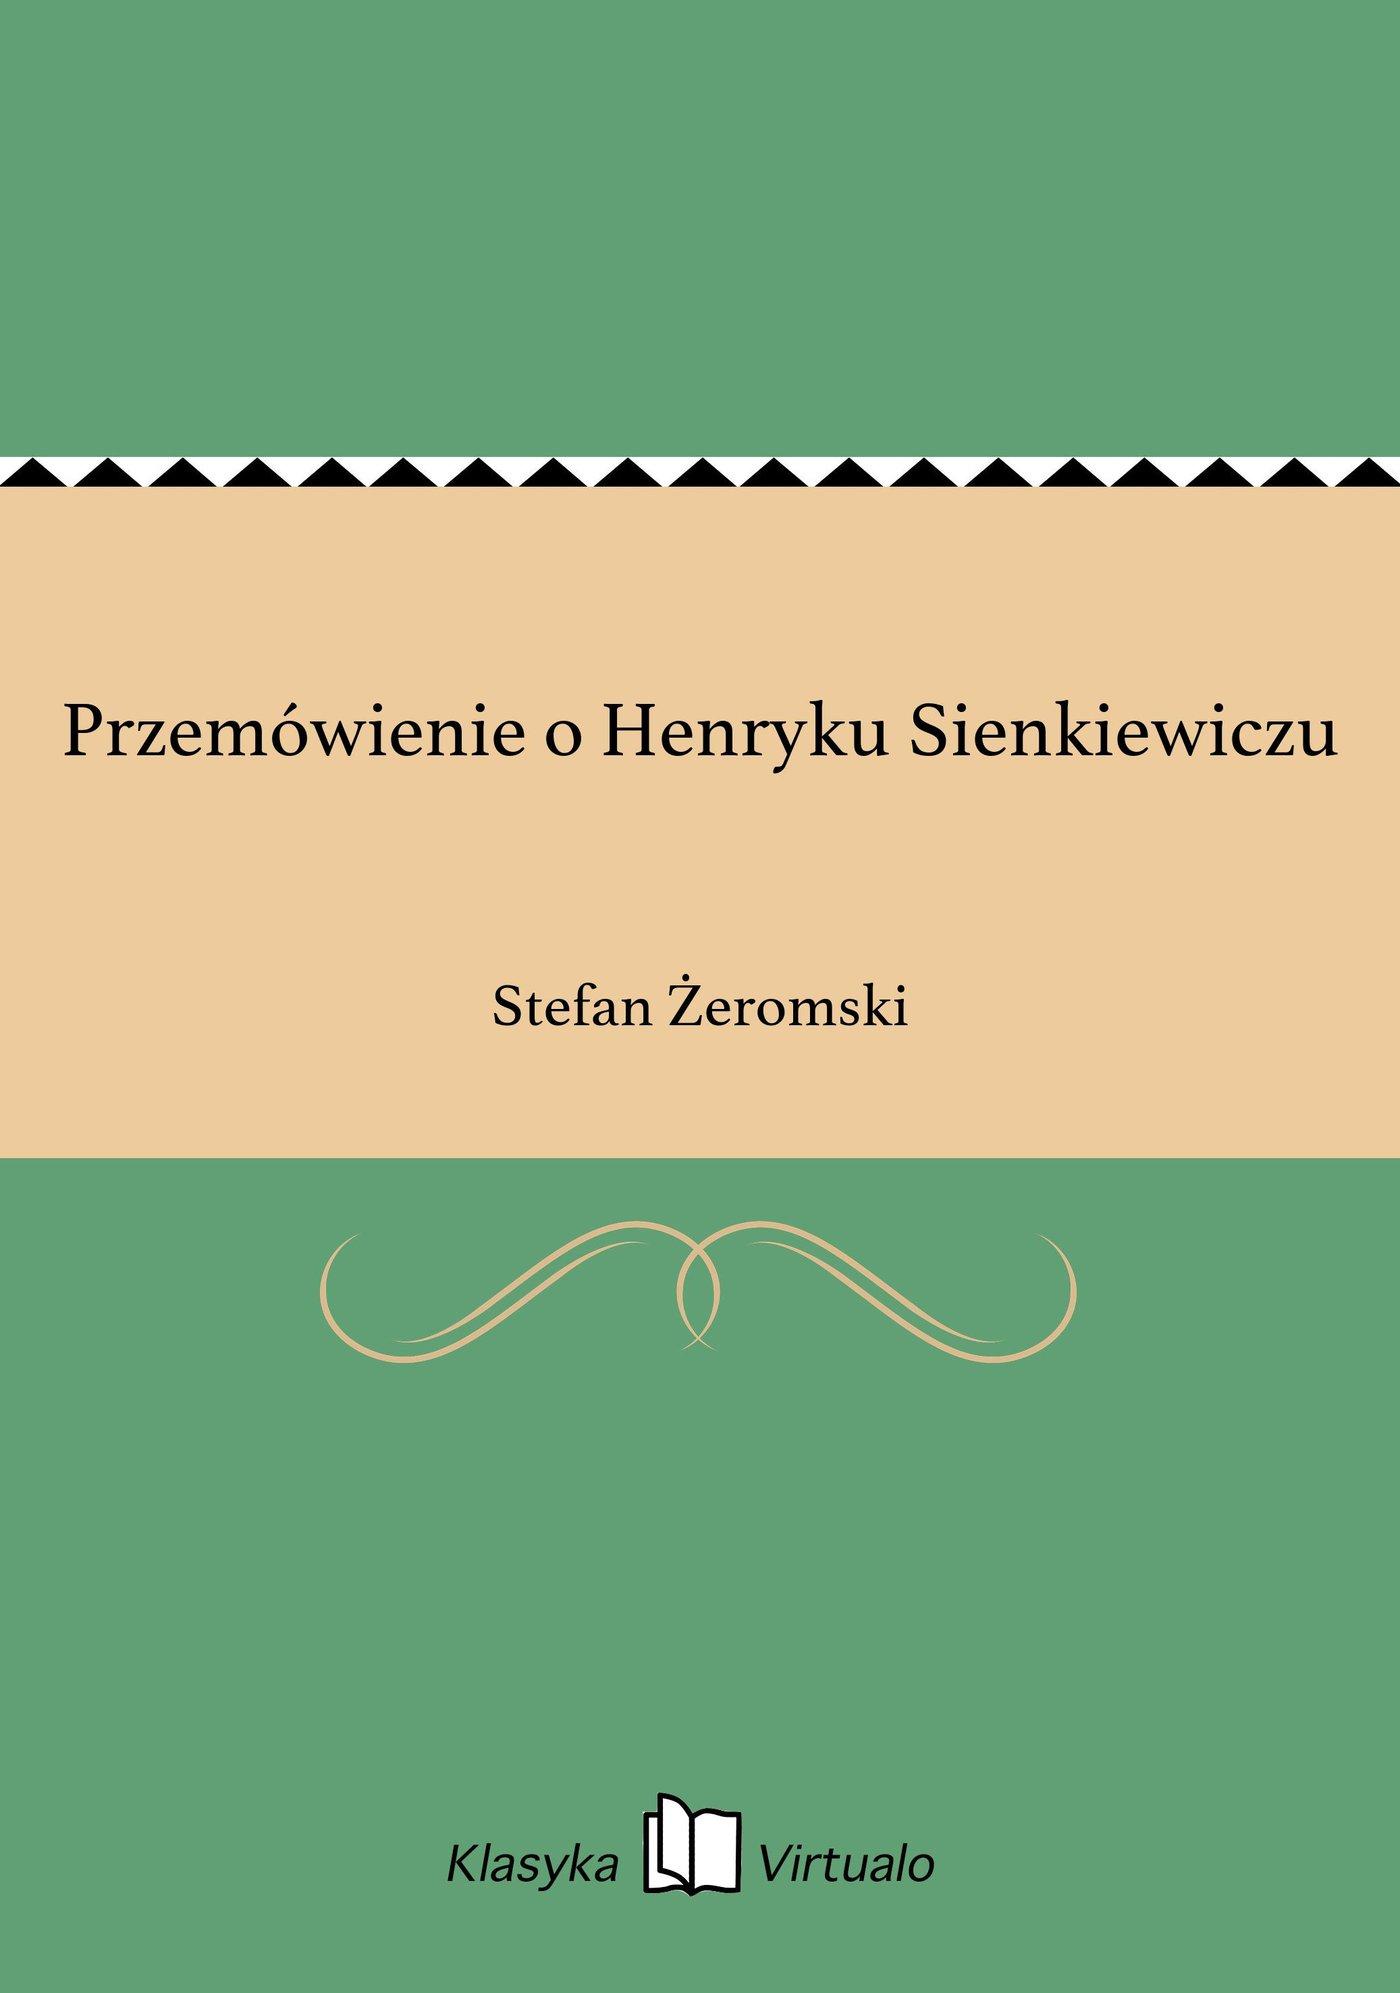 Przemówienie o Henryku Sienkiewiczu - Ebook (Książka EPUB) do pobrania w formacie EPUB